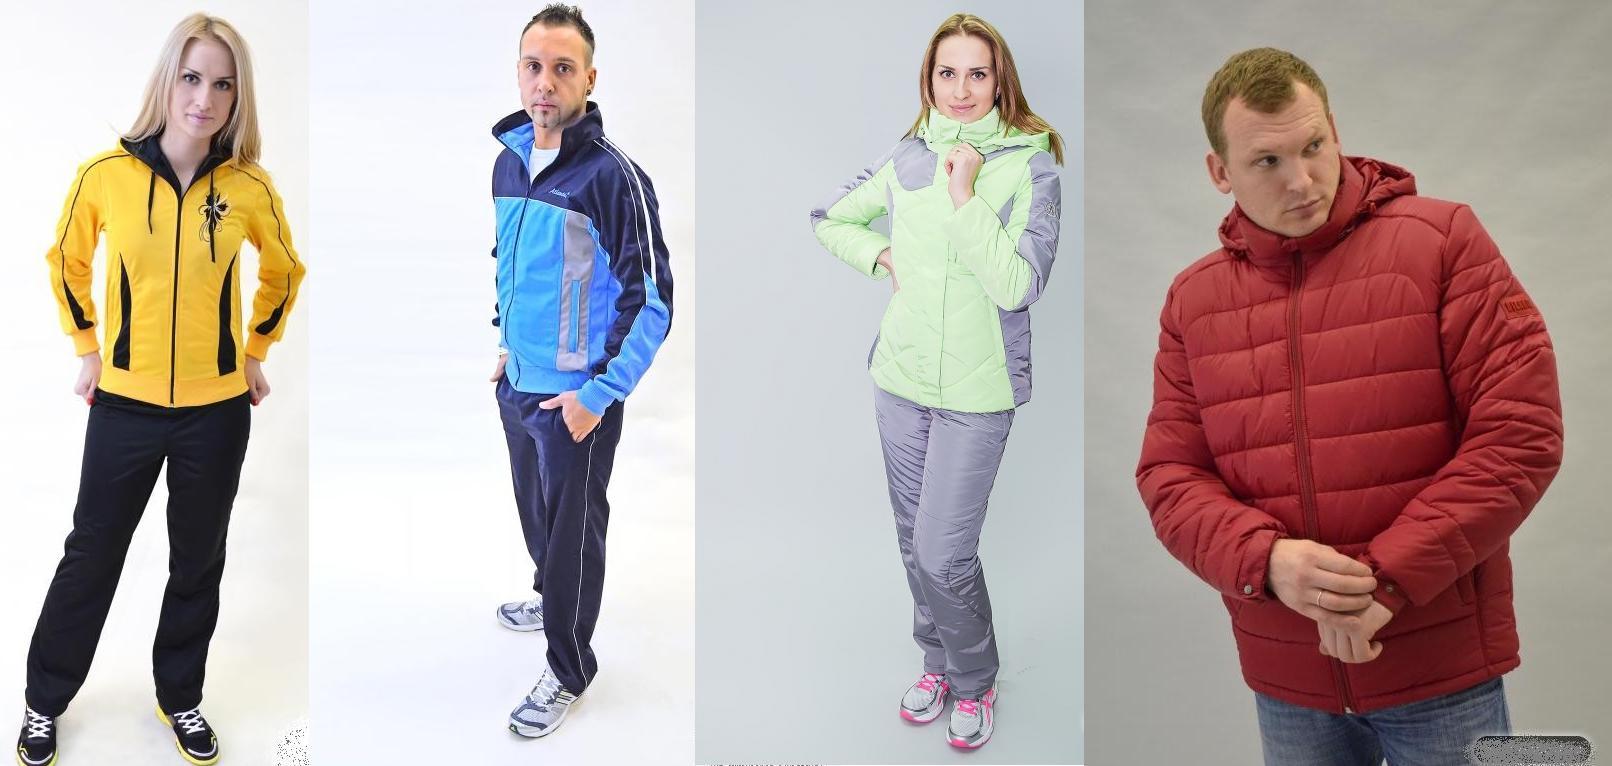 Атлaнтa Cпopт-37. Спортивные костюмы для всей семьи от 44 до 60-го р-ра. А так же Самые теплые мужские и женские зимние костюмы! Очень низкие цены! Отличные отзывы! Есть новинки! Без рядов!